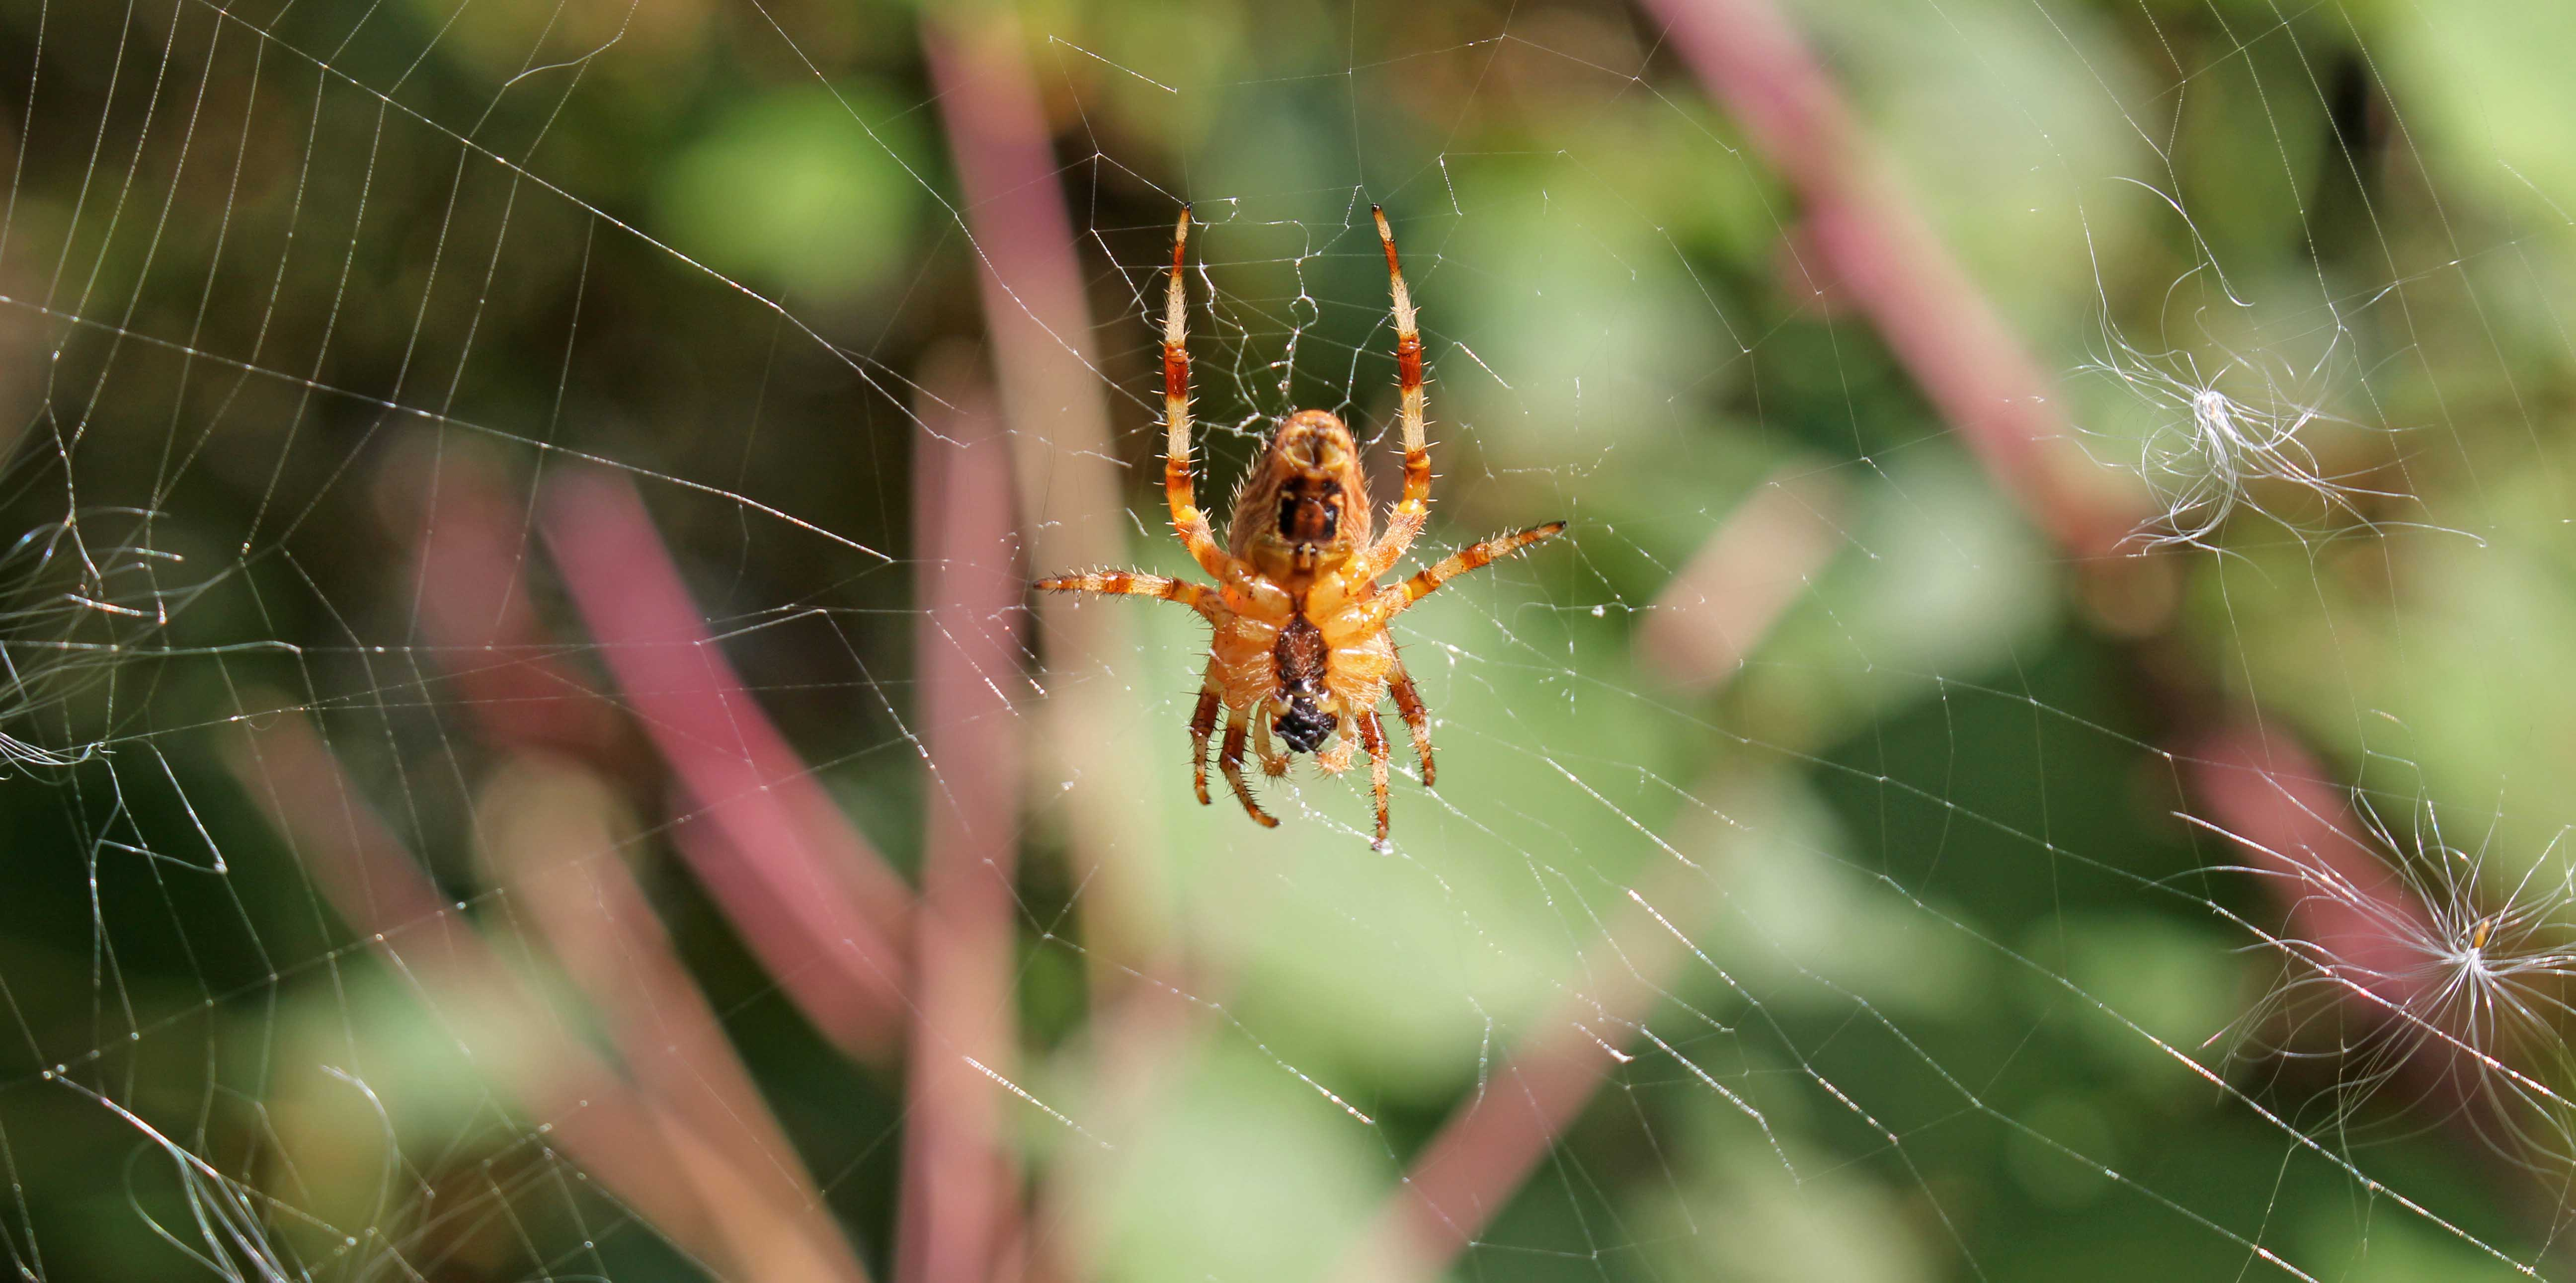 171113 Araneus diadematus Garden spider (7)